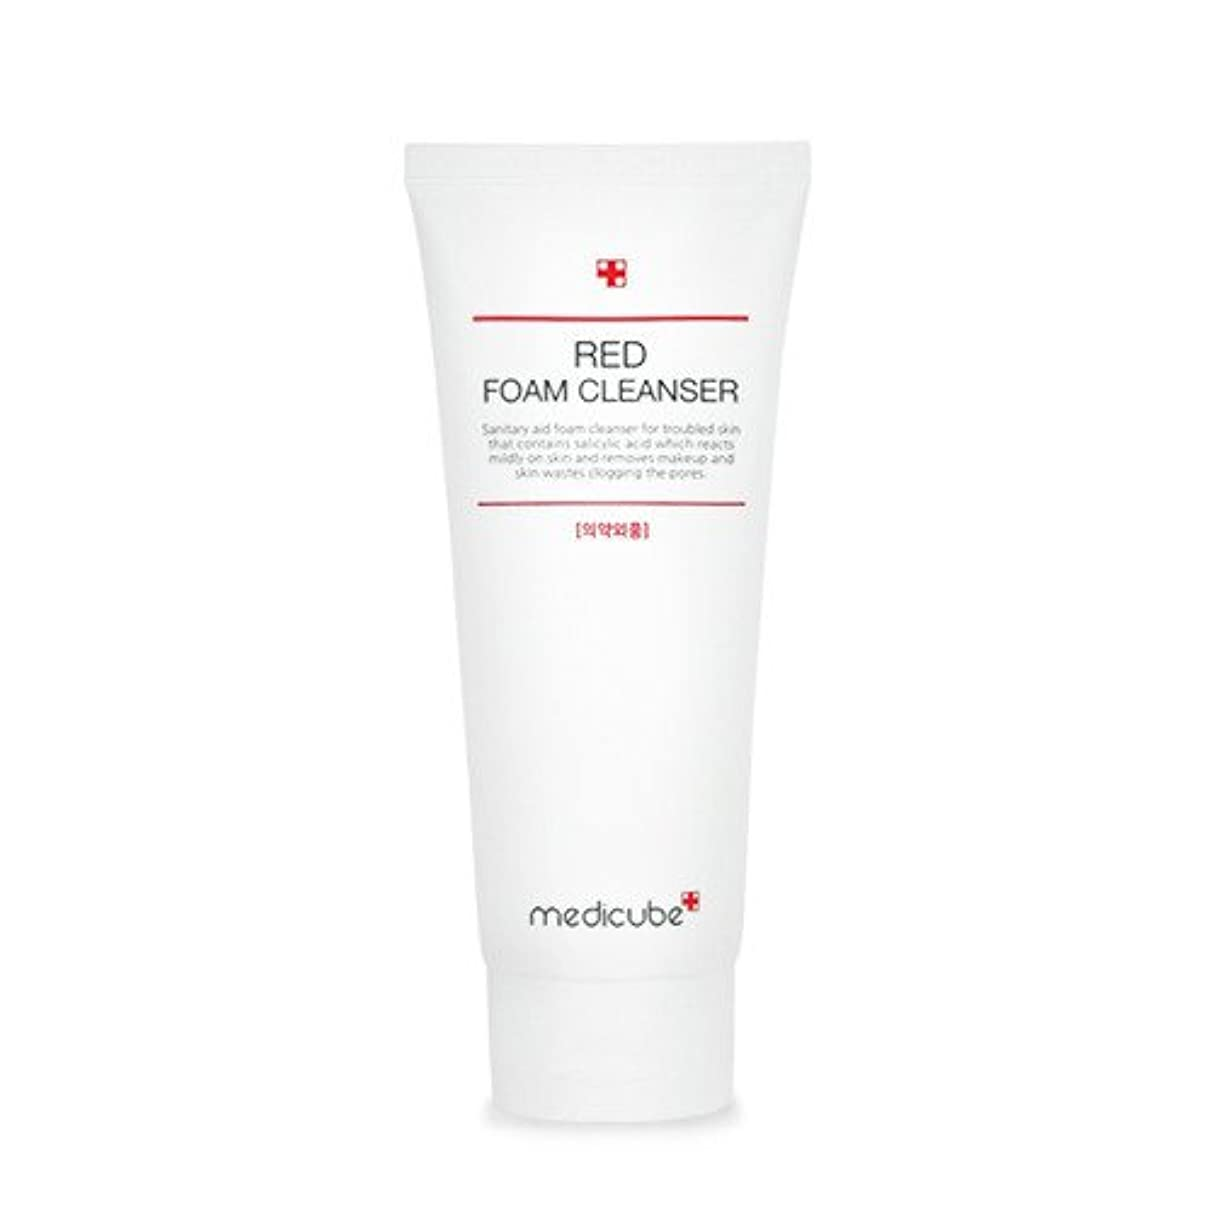 同じ市区町村移動する[Medicube]Red Foam Cleanser 120ml / メディキューブレッドクレンジングフォーム / 正品?海外直送商品 [並行輸入品]